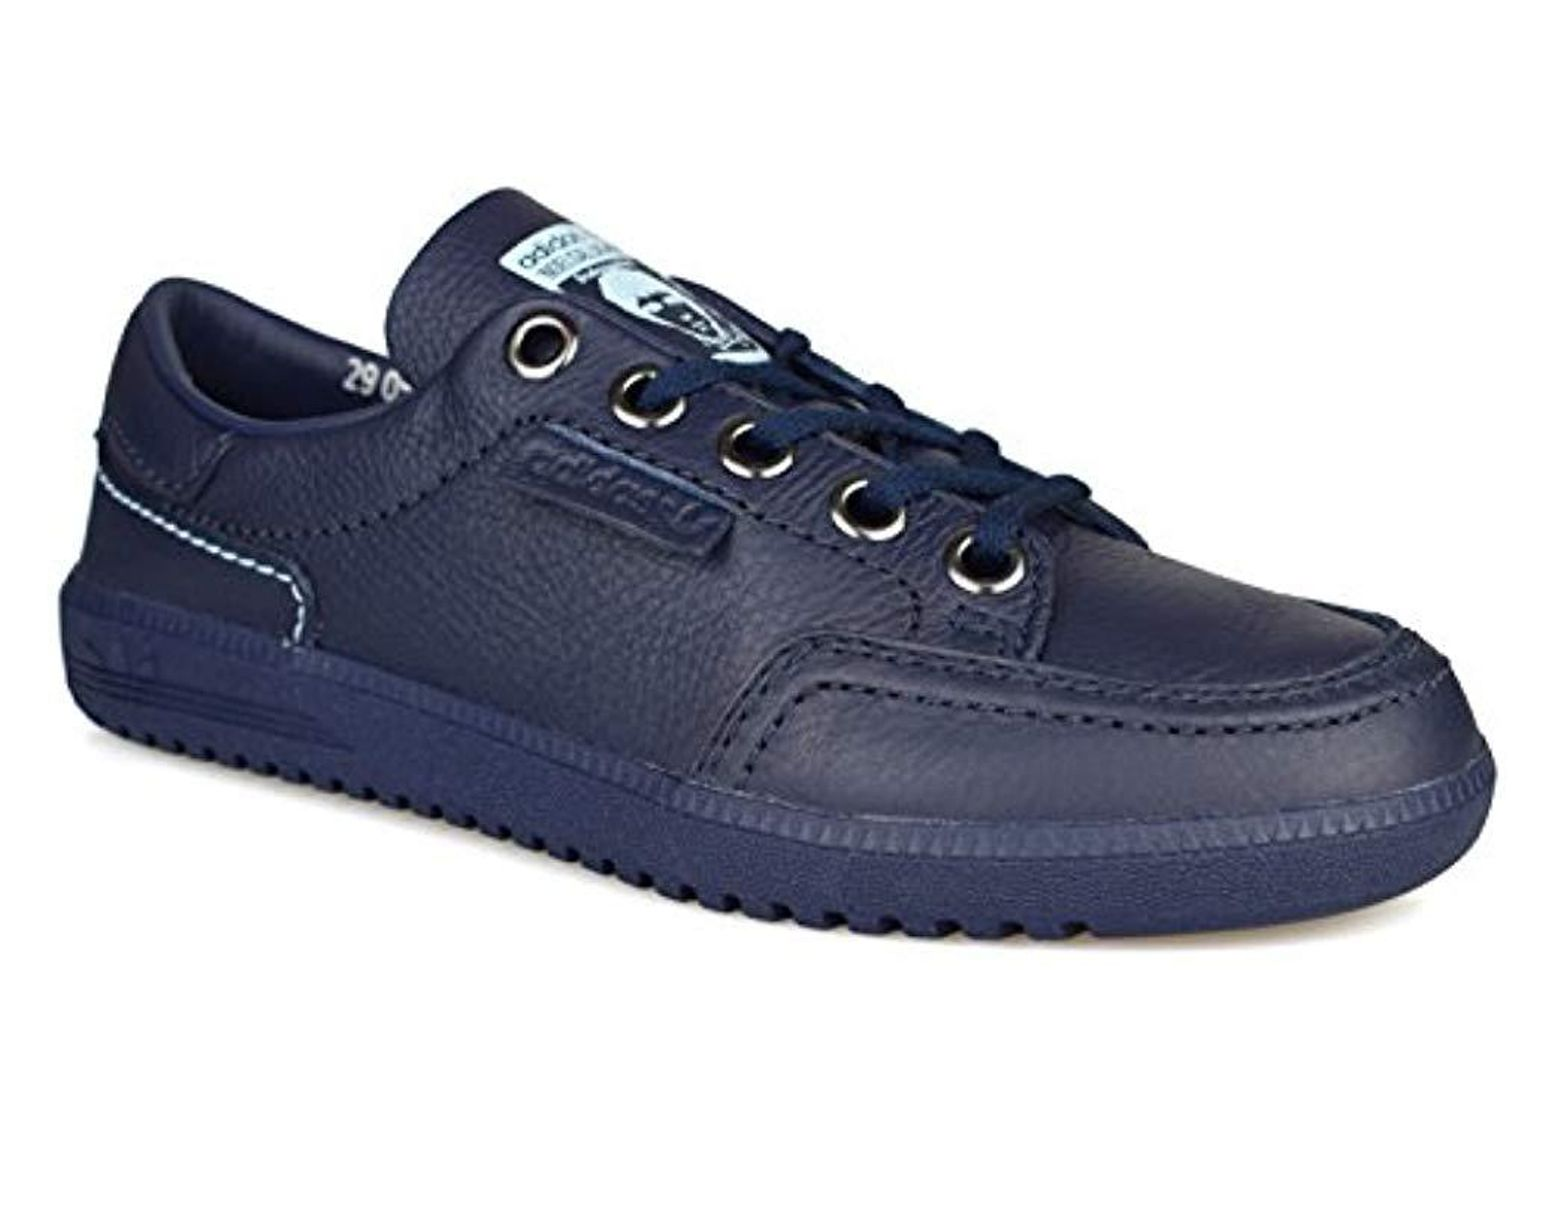 adidas Original X Noel Gallagher Spzl Spezial Garwen Leather